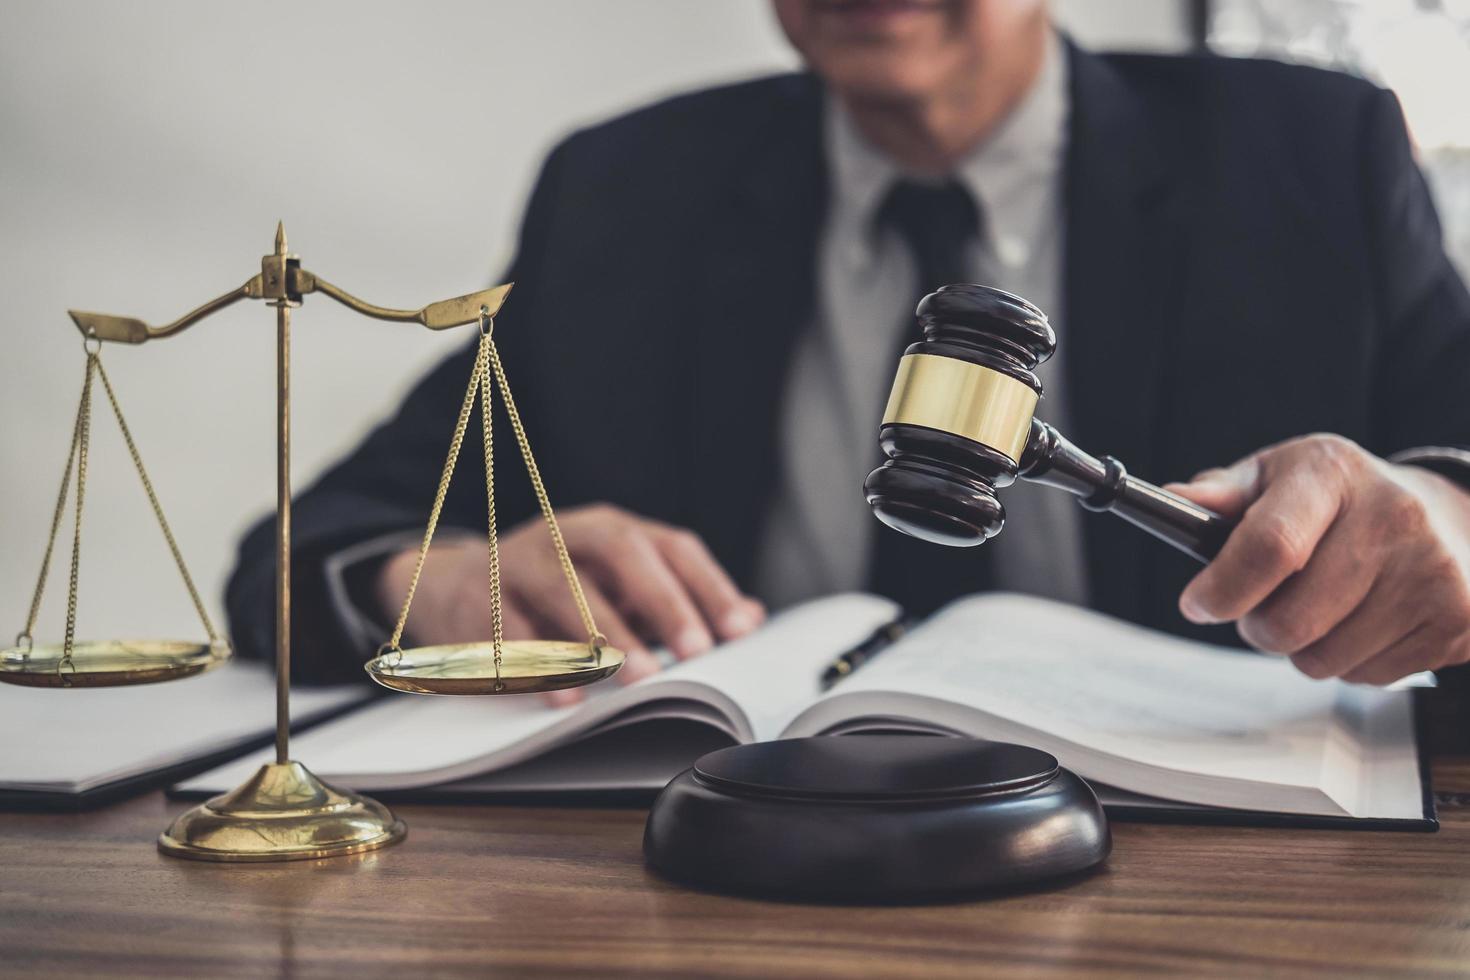 abogado o juez que trabaja con documentos contractuales Foto de stock